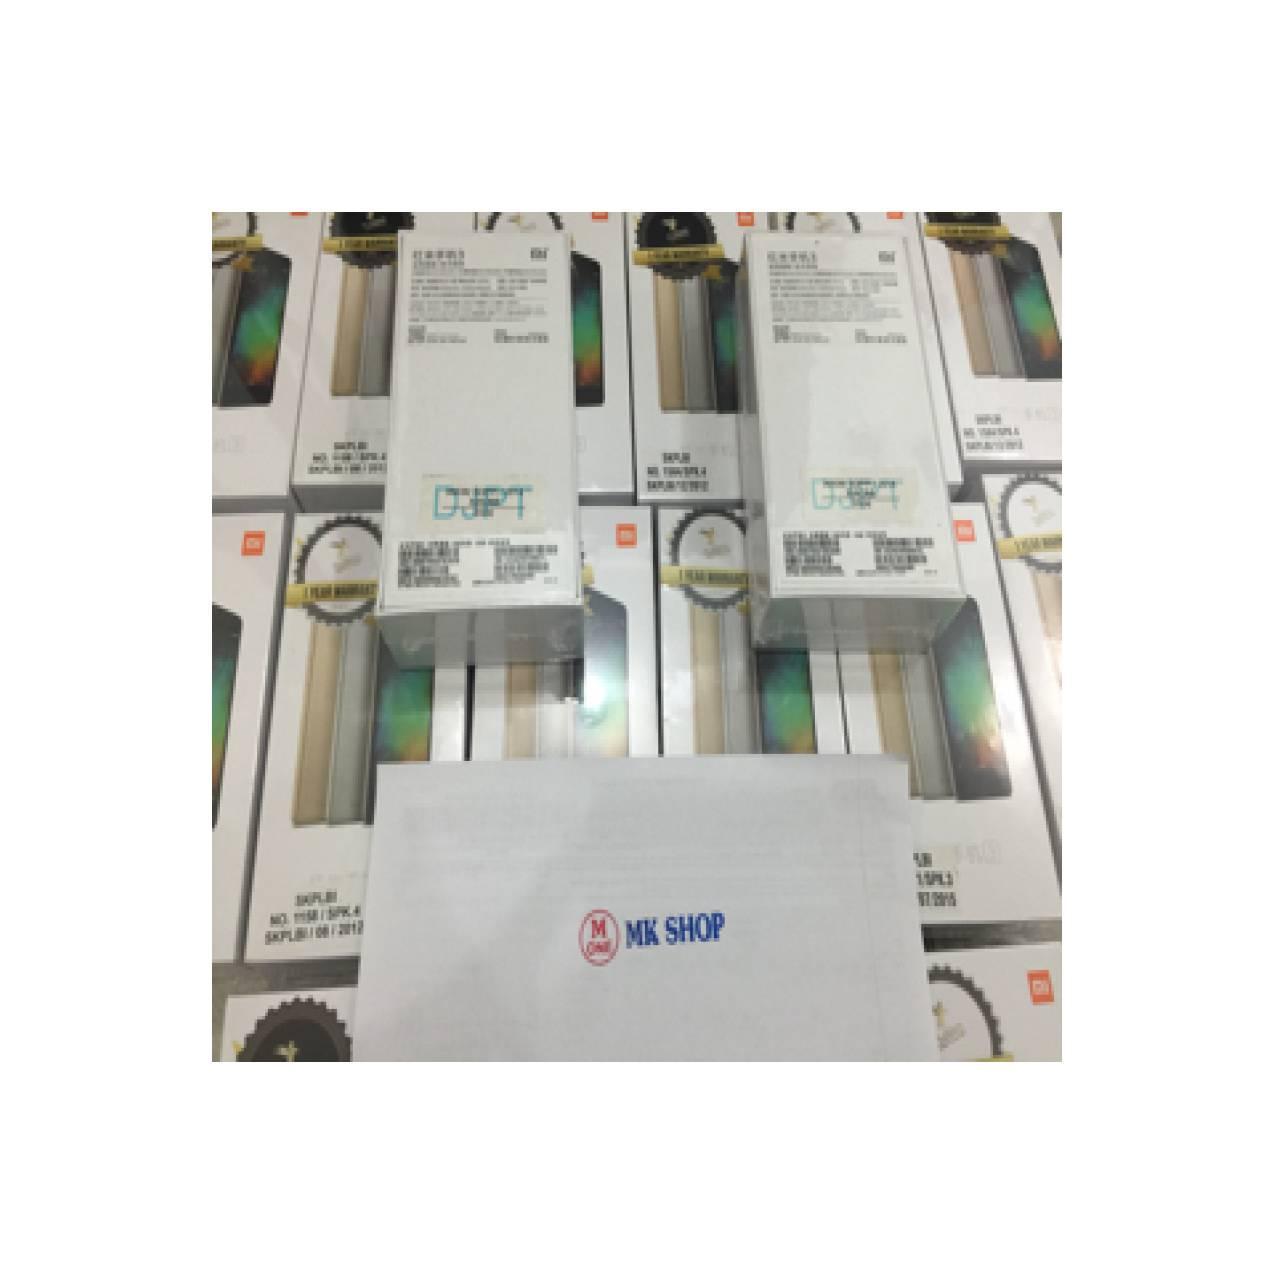 xiaomi redmi 3 ram 2gb memory 16gb warna gold grs distri 1thn